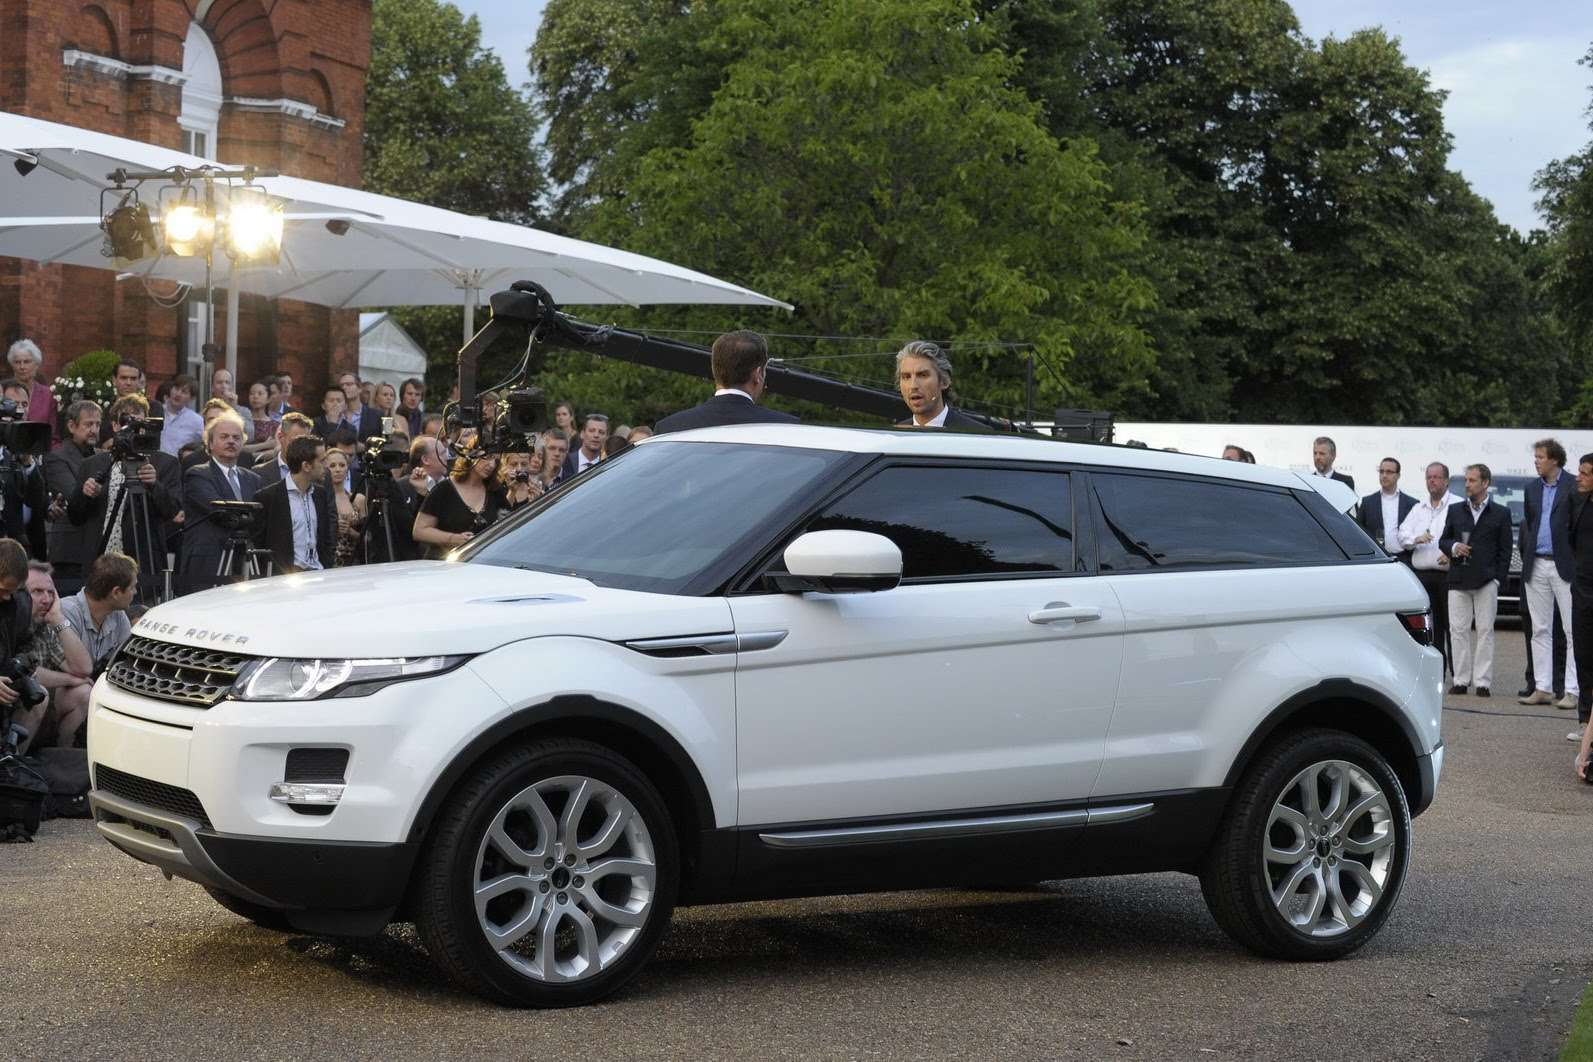 Range Rover Evoque victoria lipiec 2010